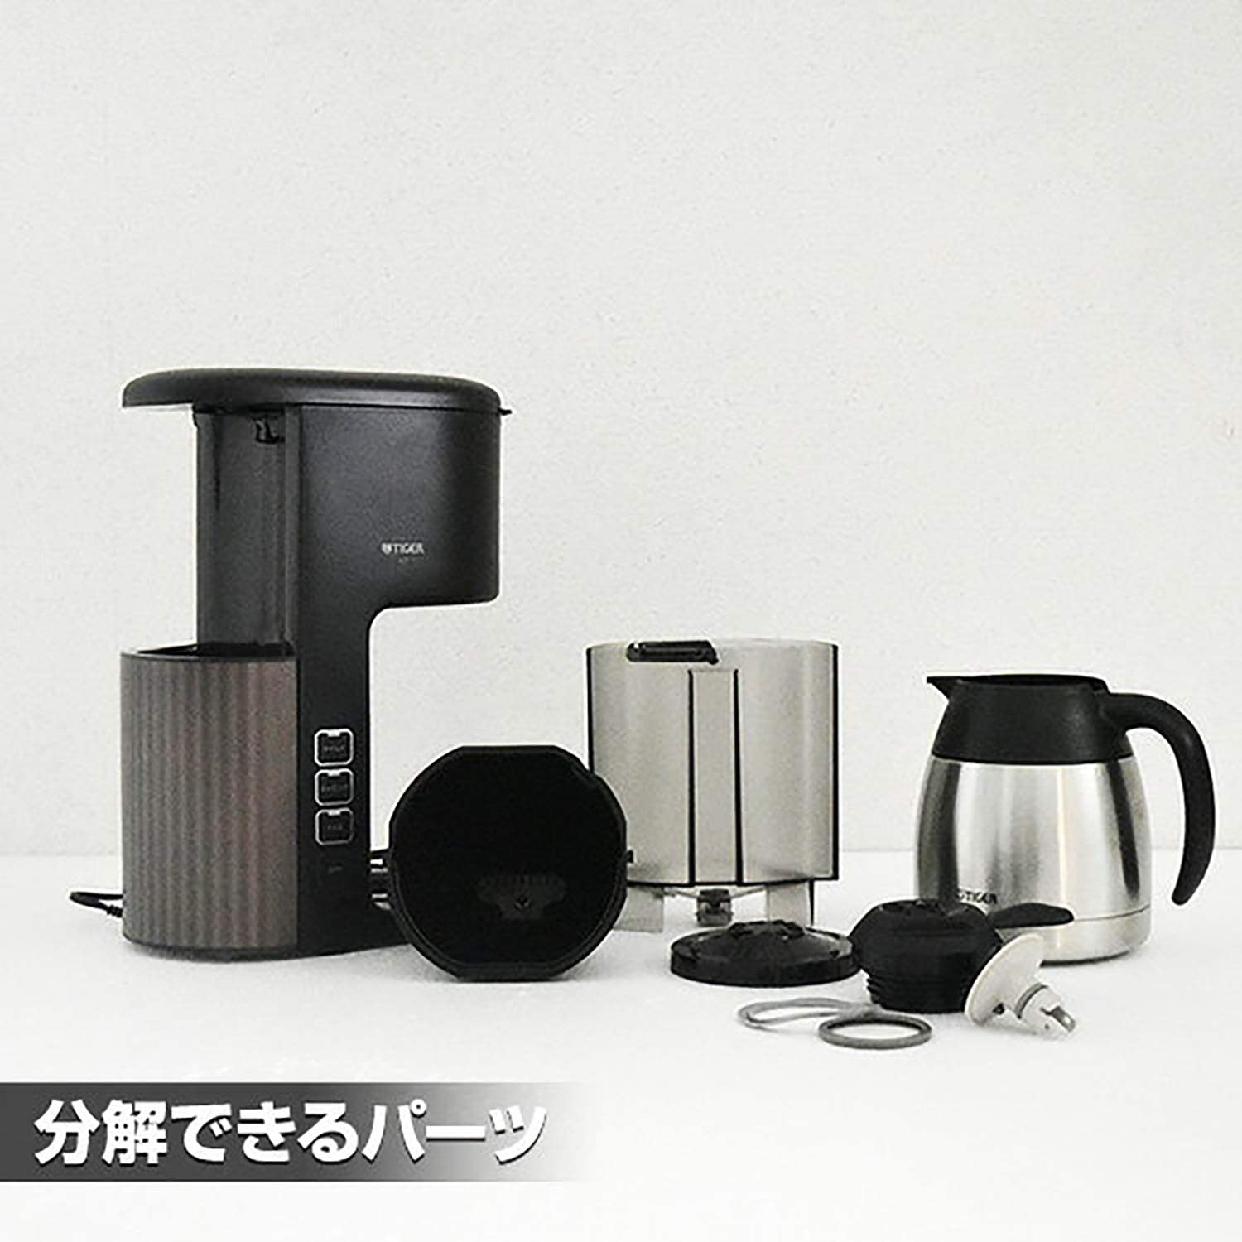 タイガー魔法瓶(たいがー)コーヒーメーカー ACE-S080の商品画像7